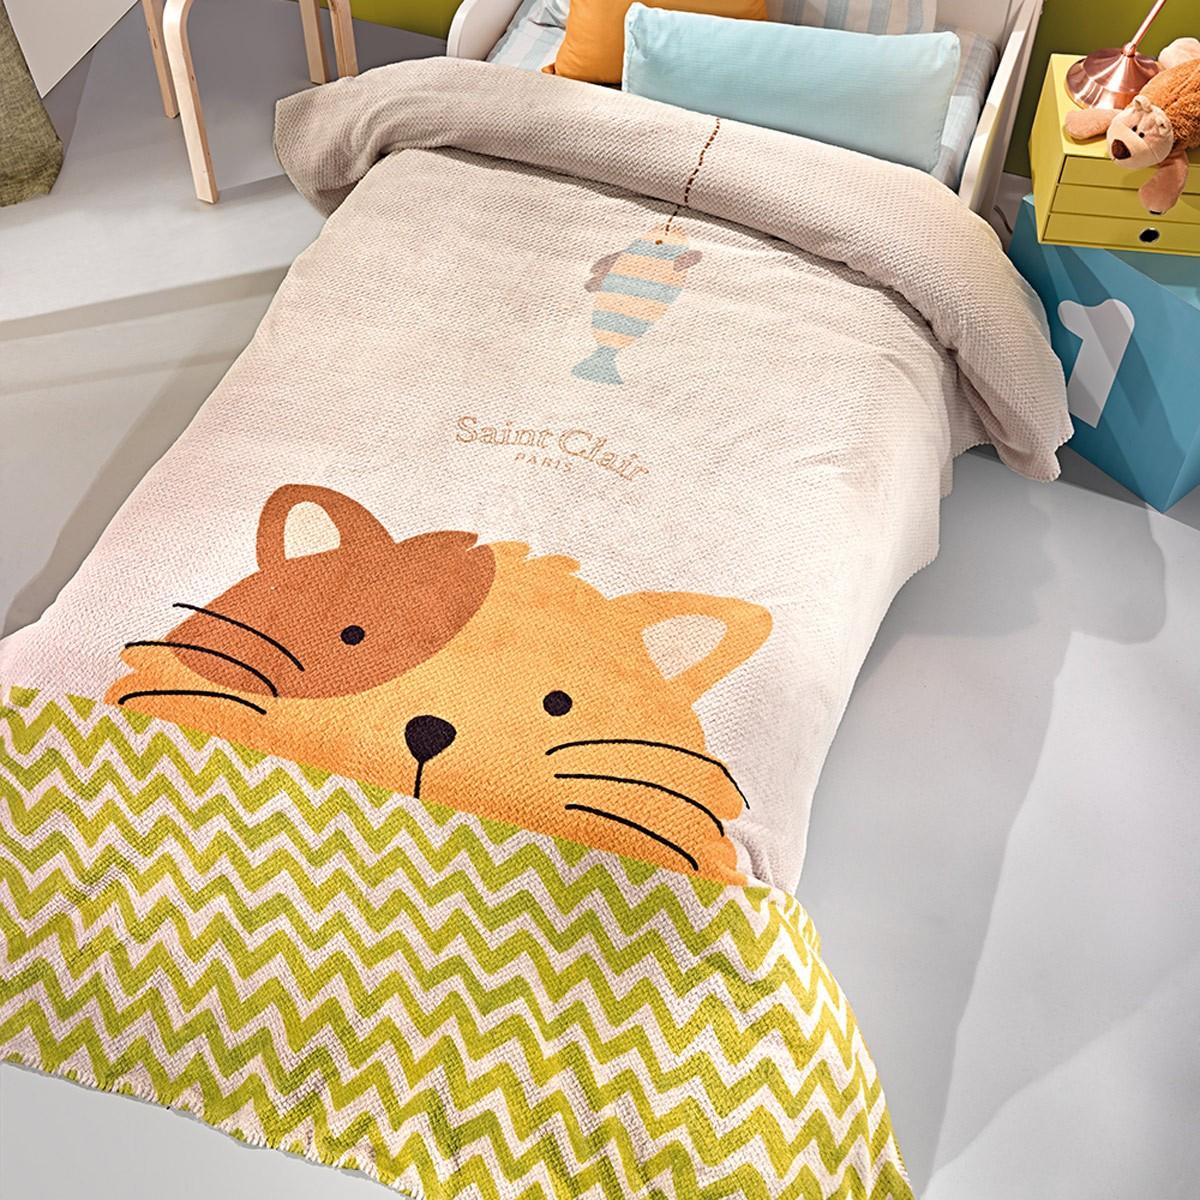 Κουβέρτα Fleece Μονή Saint Clair Ultra Soft Idea